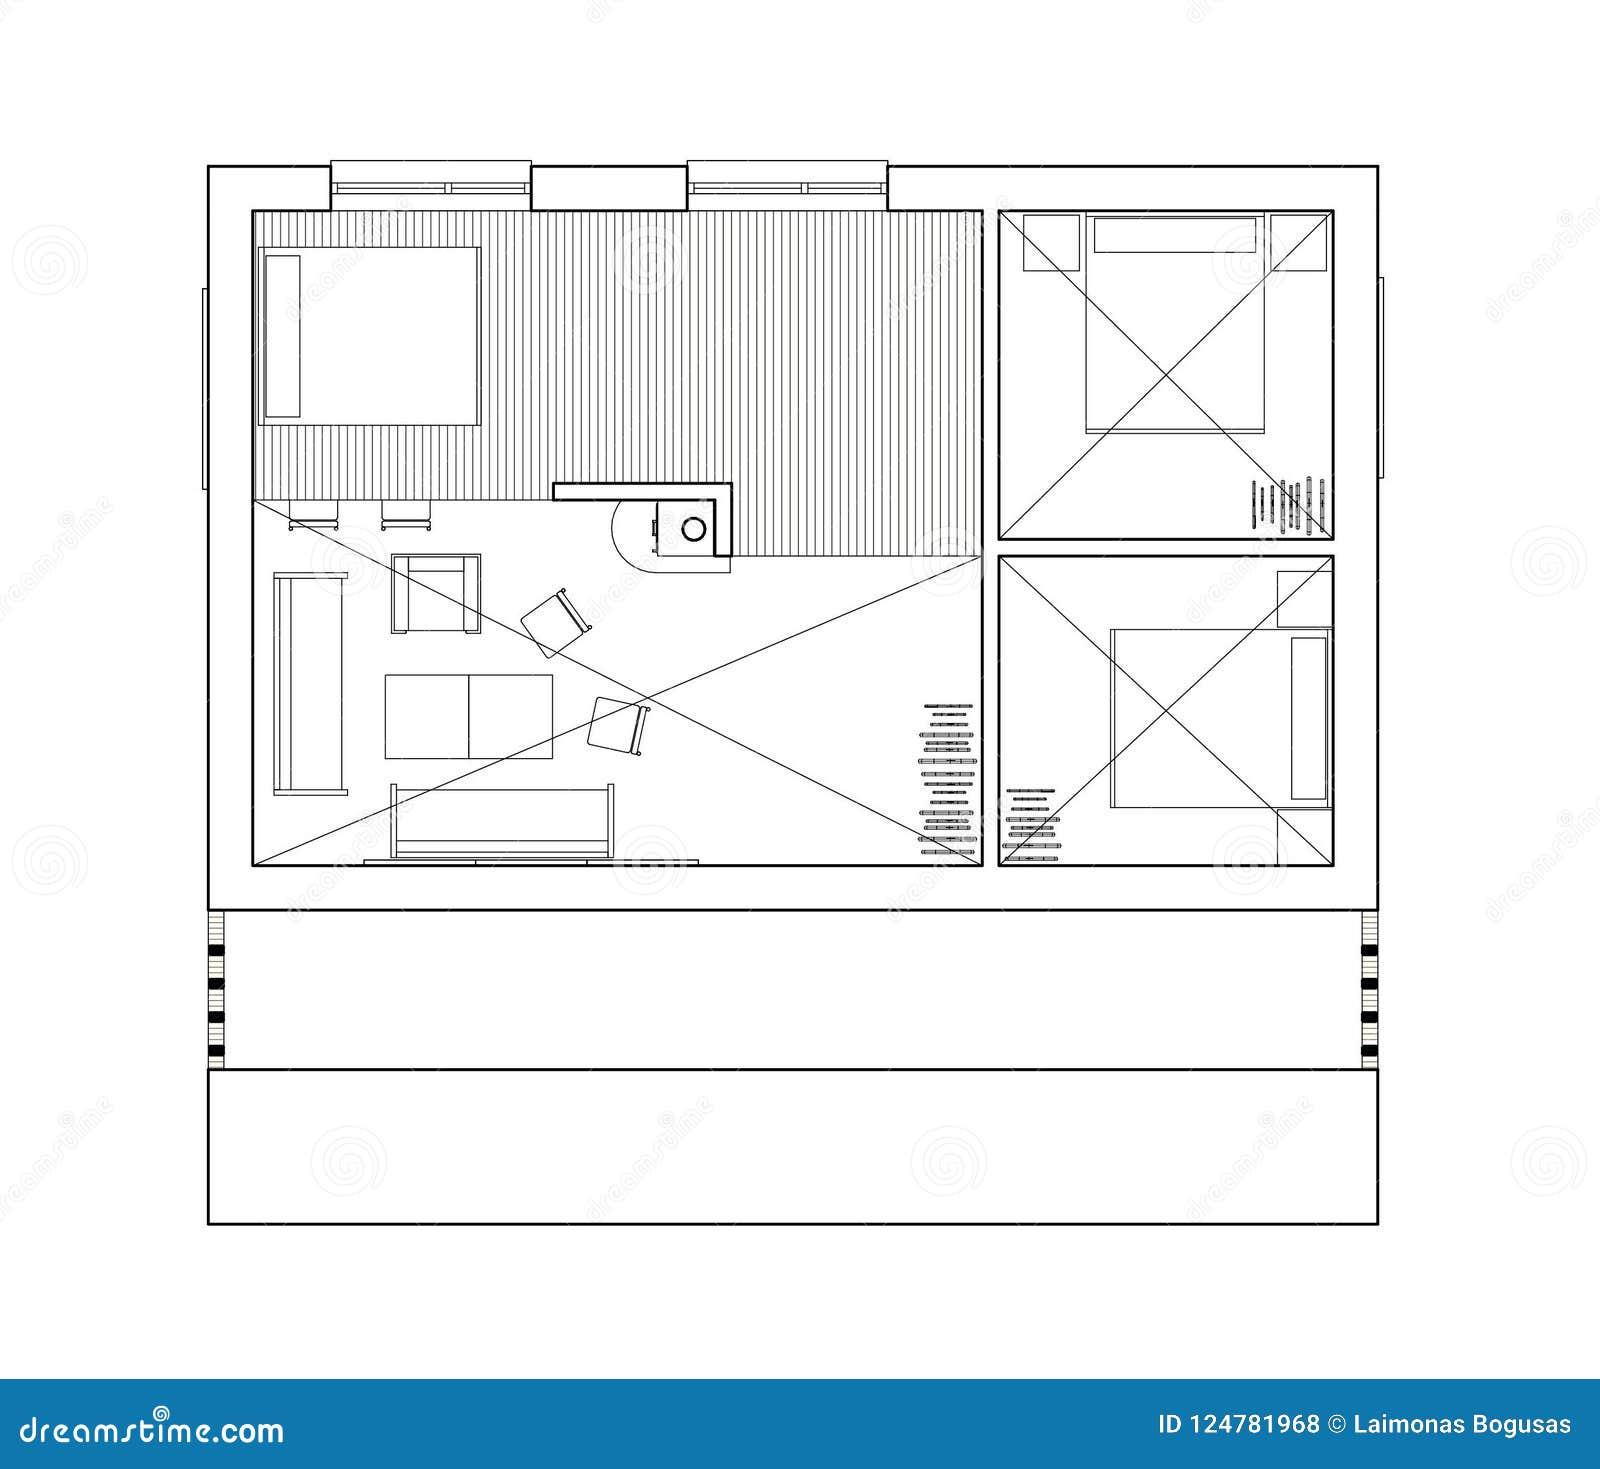 2D tekening - geïsoleerd vloerplan van het enige familiehuis